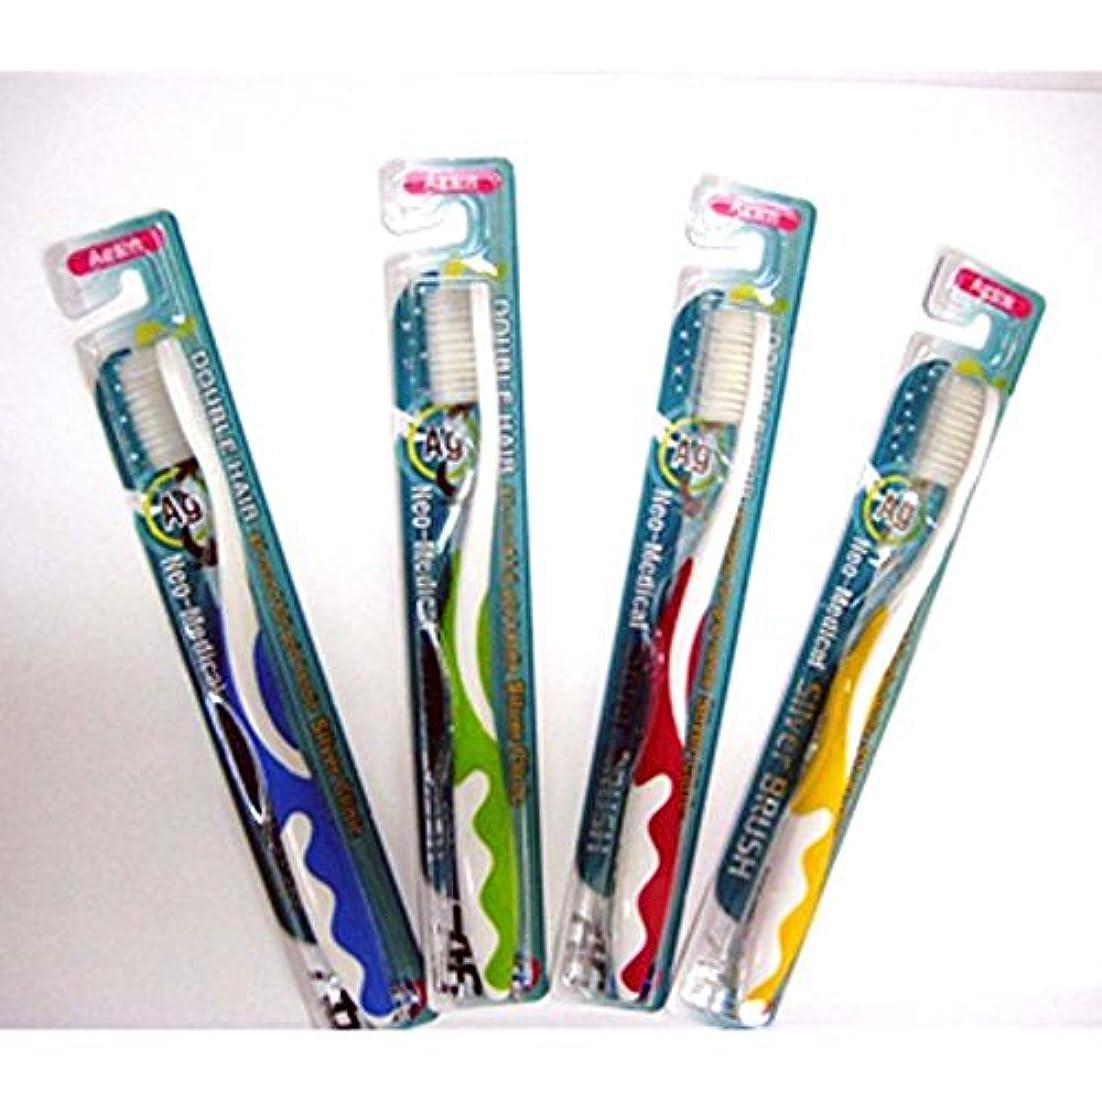 独裁者気楽な太平洋諸島ネオG1 シルバー(Ag) 歯ブラシ